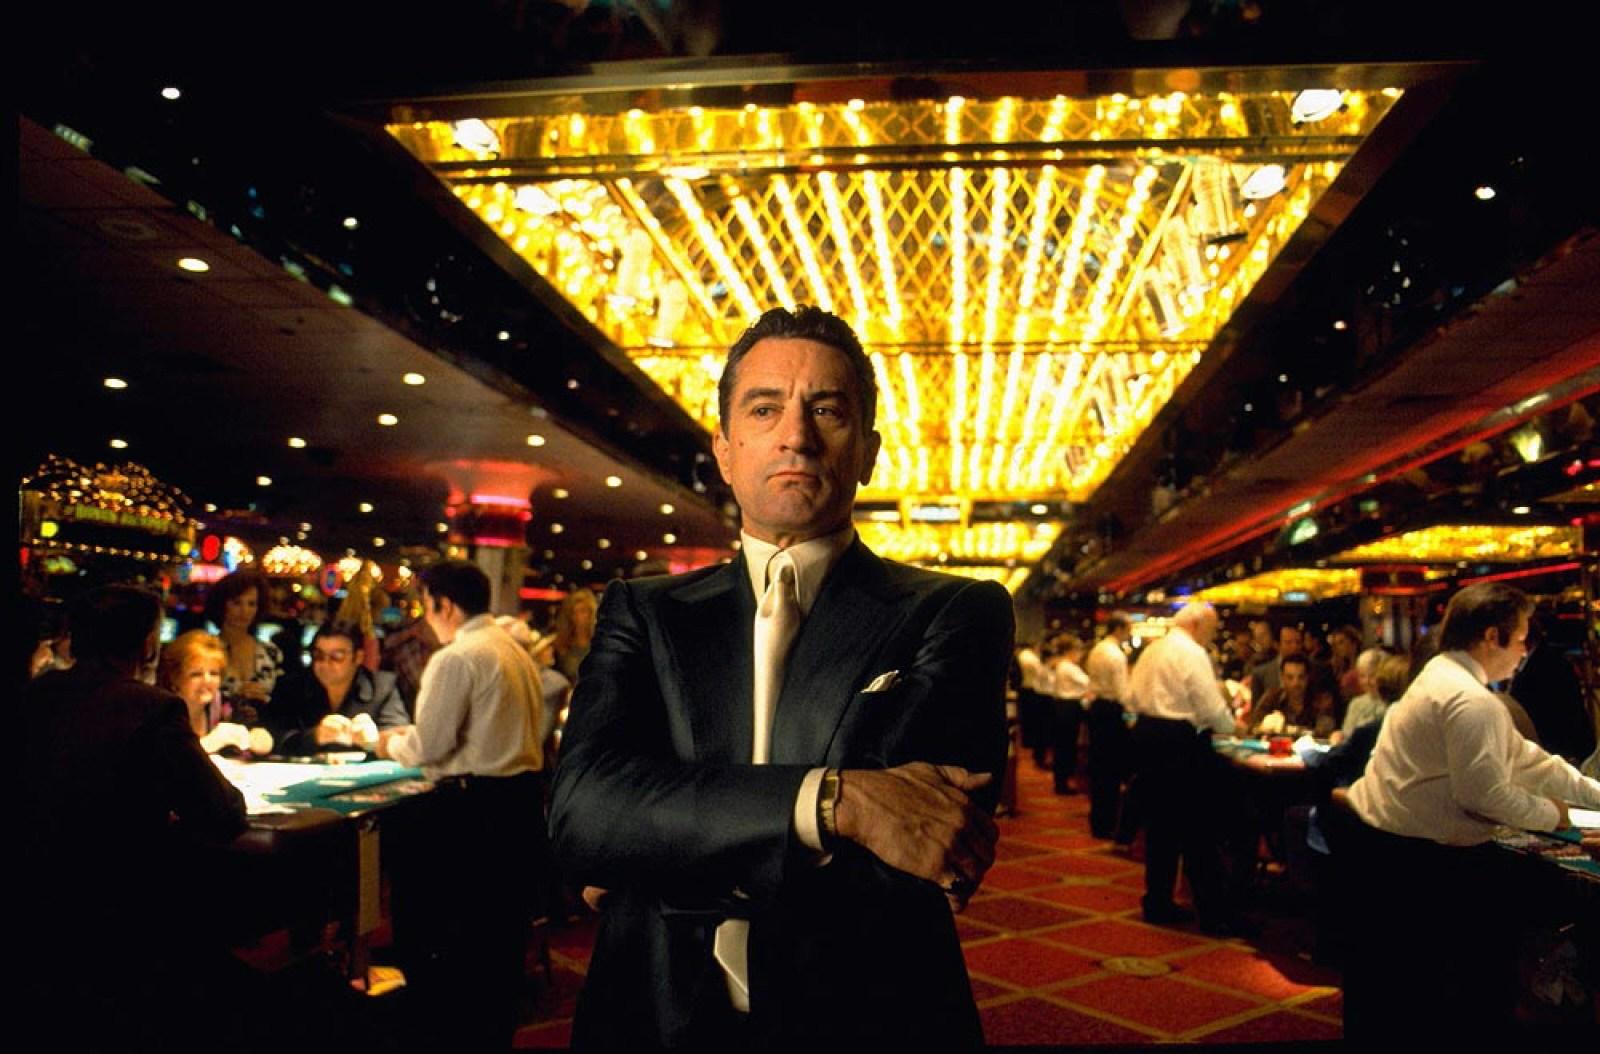 Listas: ¿Cuáles son las mejores películas sobre casinos?